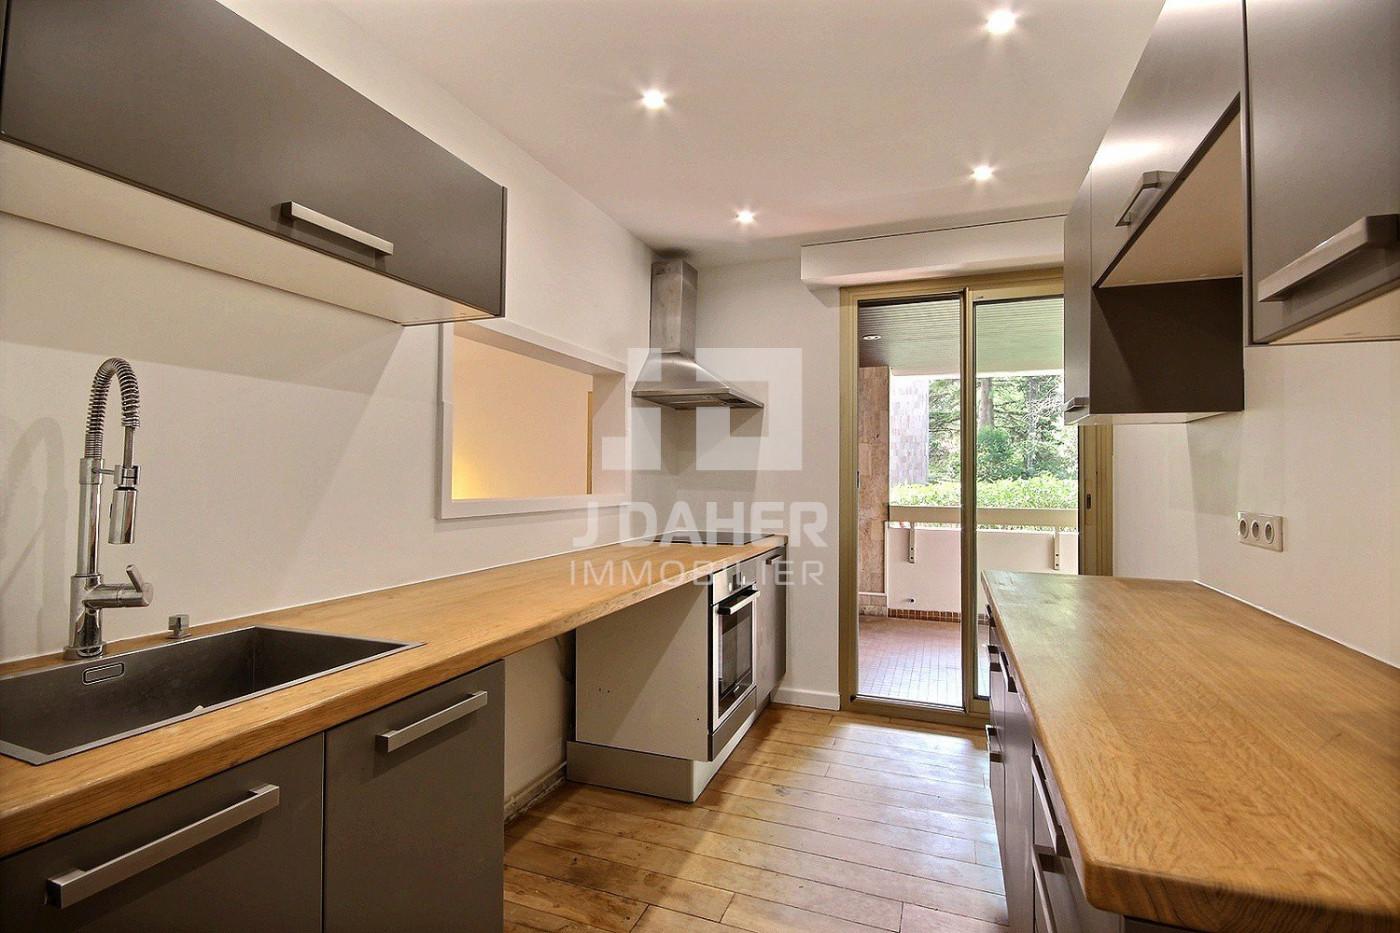 A vendre Marseille 8eme Arrondissement 13025673 J daher immobilier